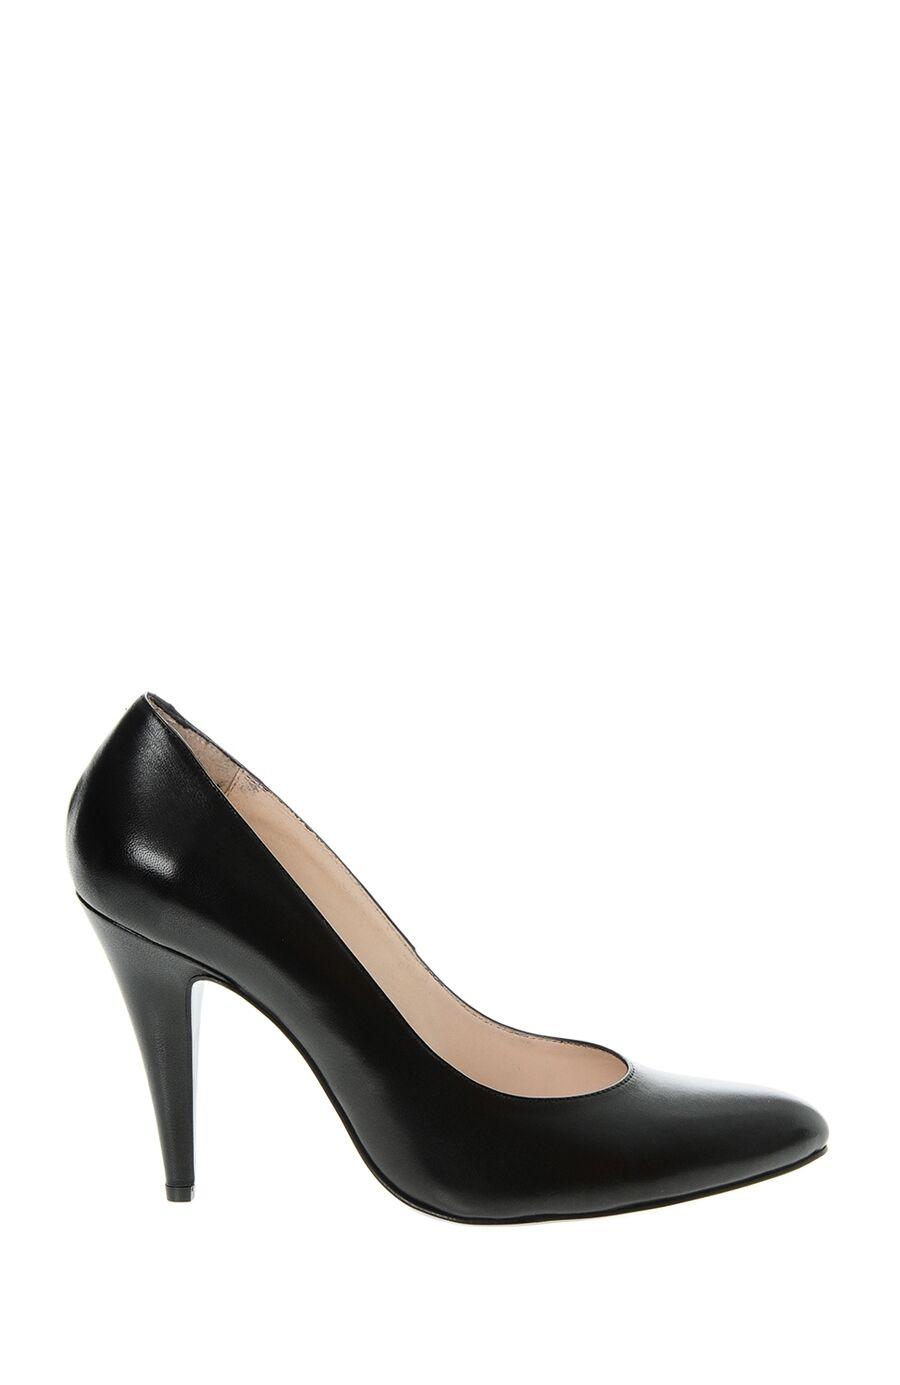 %100 Deri Siyah Topuklu Ayakkabı